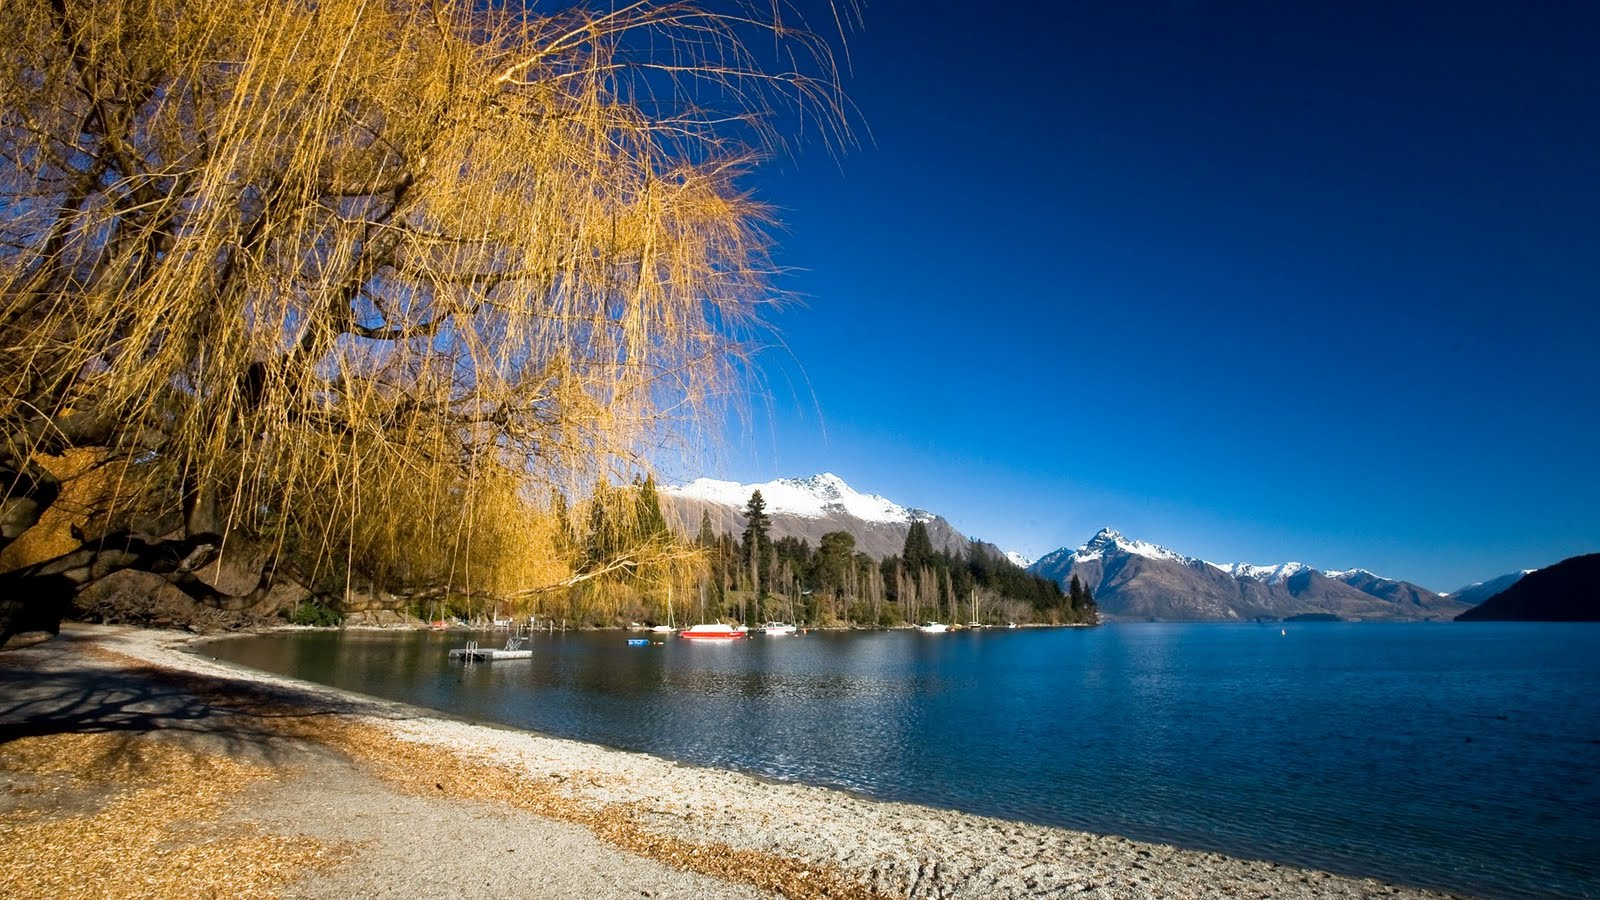 http://4.bp.blogspot.com/-7Gj2qKY9AXo/Tc16CI-YjHI/AAAAAAAANnI/V0Ds9nMq_Wo/s1600/1250219176_1920x1080_lake-wakatipu-scenery-wallpapers.jpg